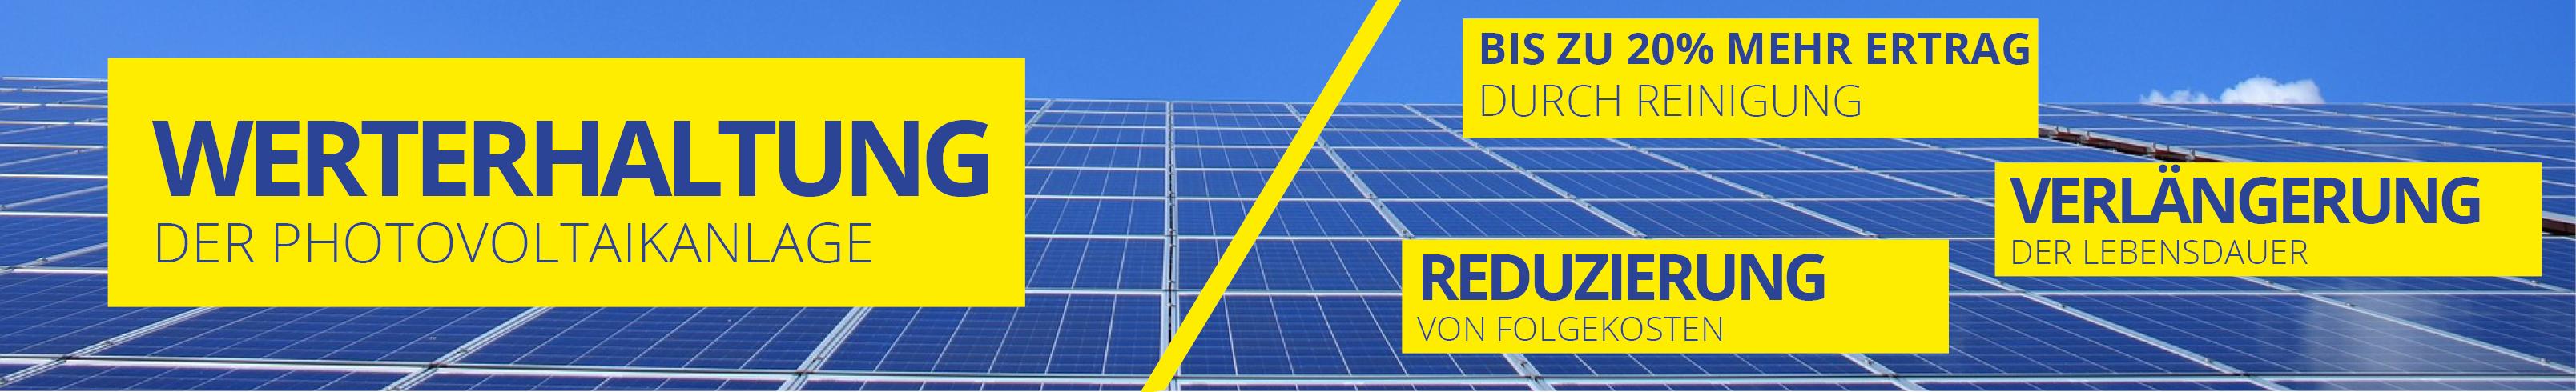 Bis zu 20% mehr Ertrag durch Reinigung Ihrer PV-Anlage oder Solar-Anlage! Werterhaltung der Photovoltaikanlage; Reduzierung von Folgekosten; Verlängerung der Lebensdauer